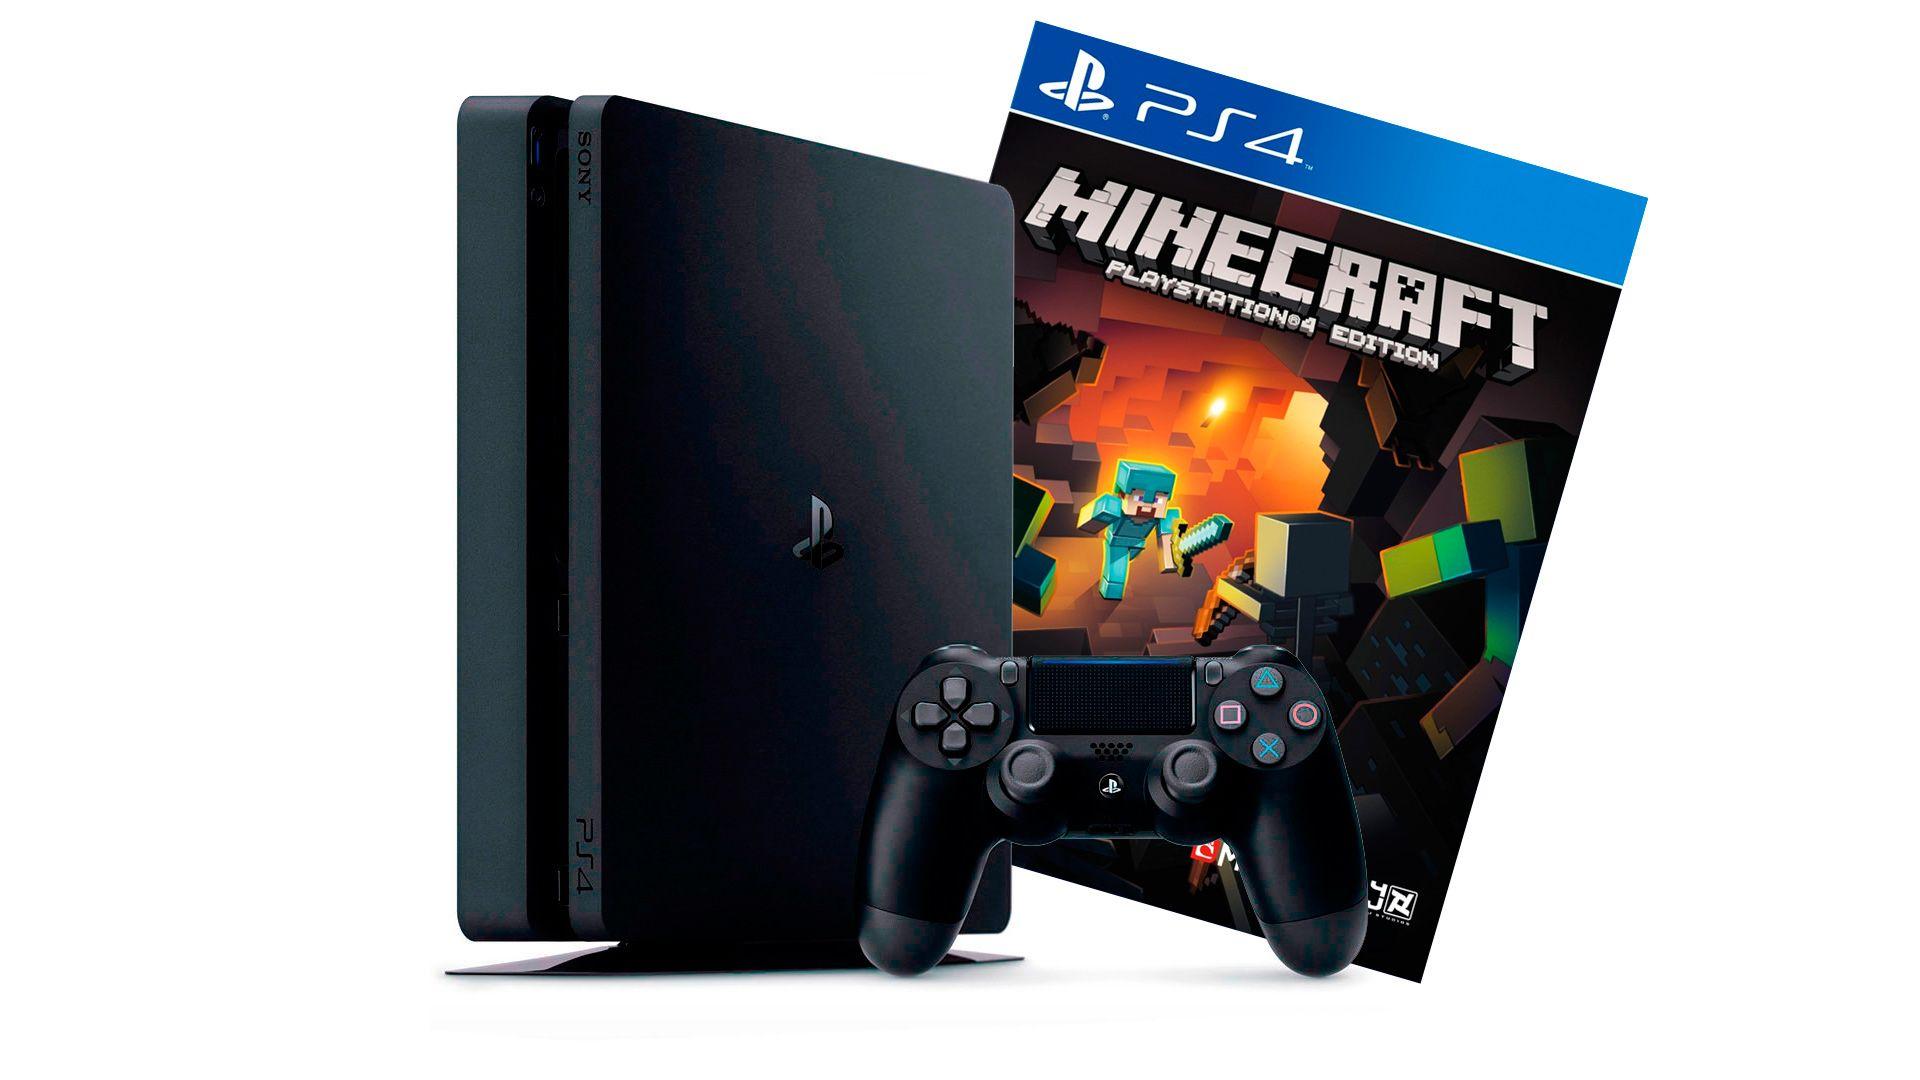 PlayStation 4 1Tb игровая приставка с игрой Minecraft [PS4S1MK]